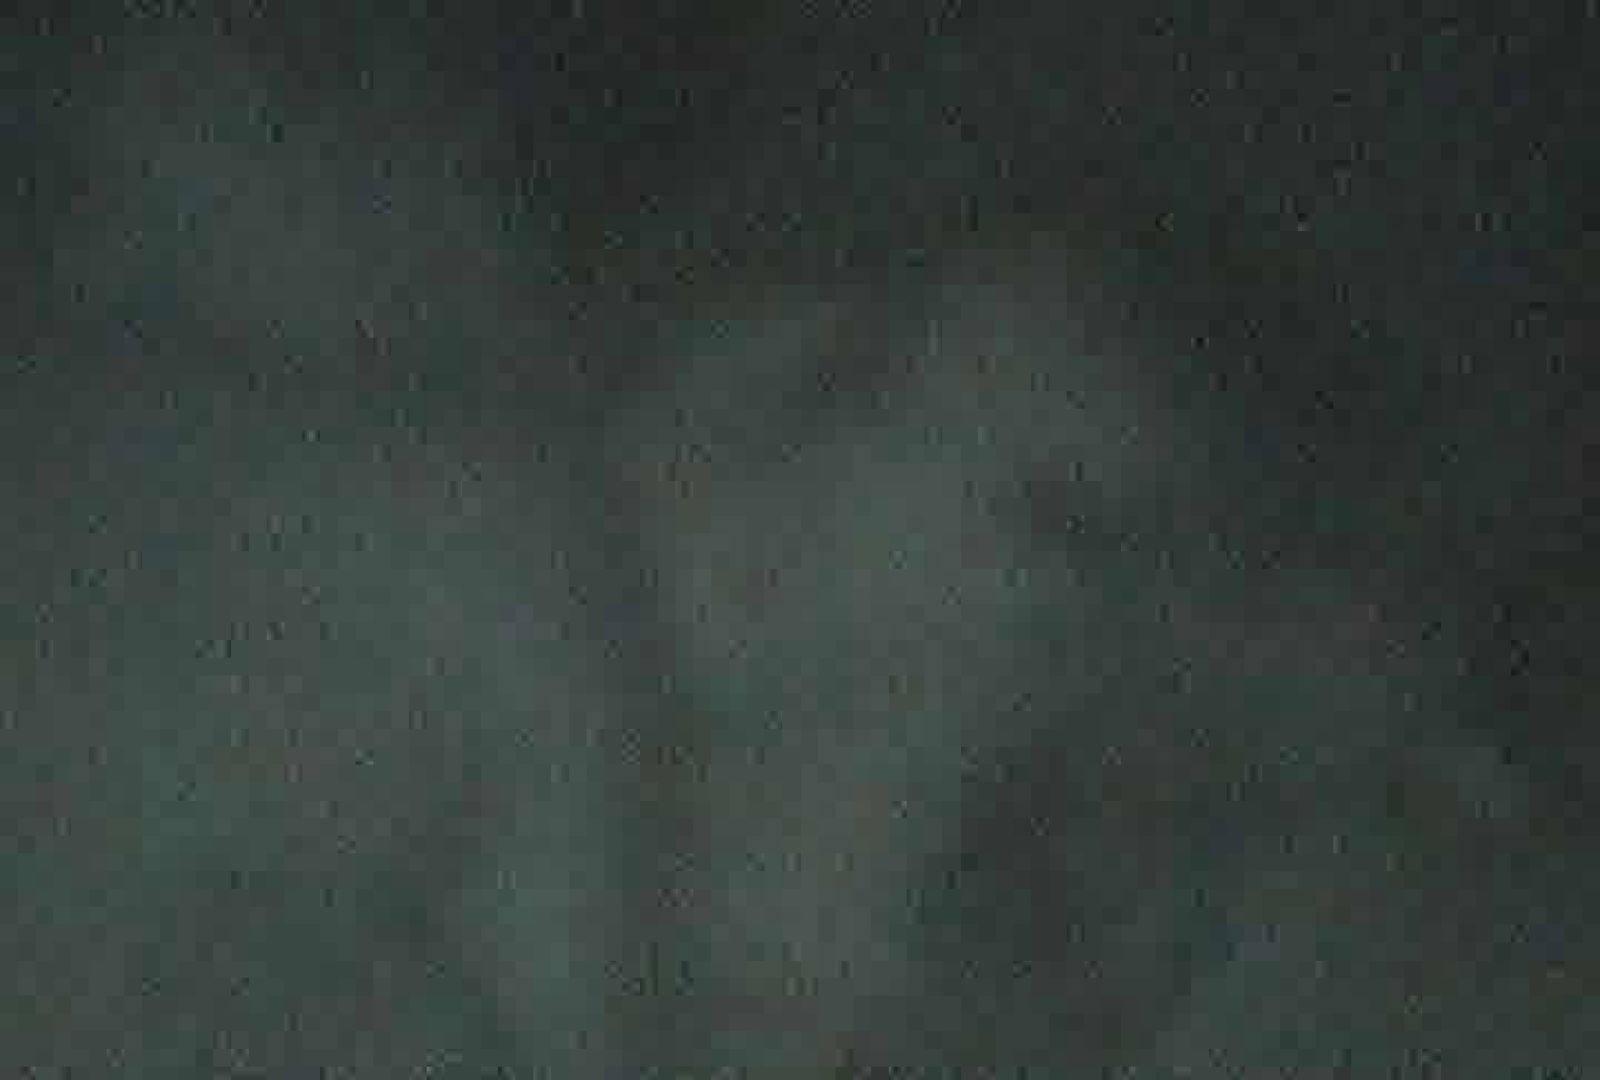 充血監督の深夜の運動会Vol.91 素人ギャル女 | 美女OL  88連発 46